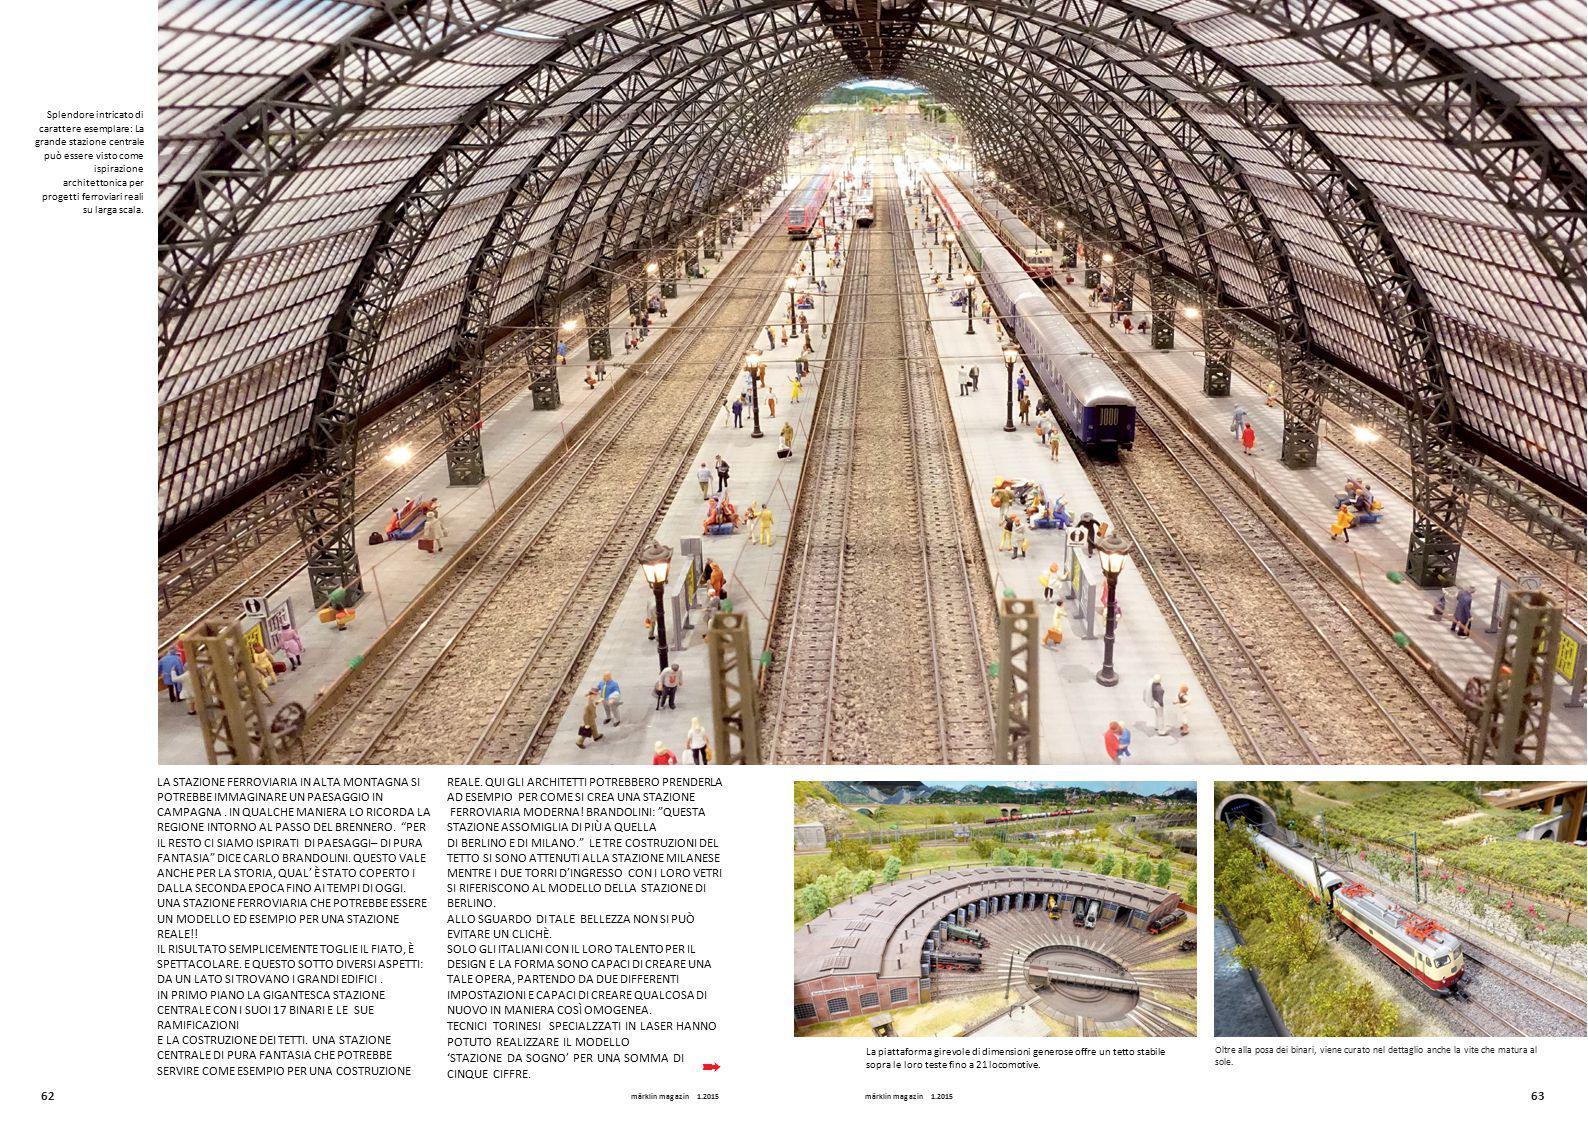 Splendore intricato di carattere esemplare: La grande stazione centrale può essere visto come ispirazione architettonica per progetti ferroviari reali